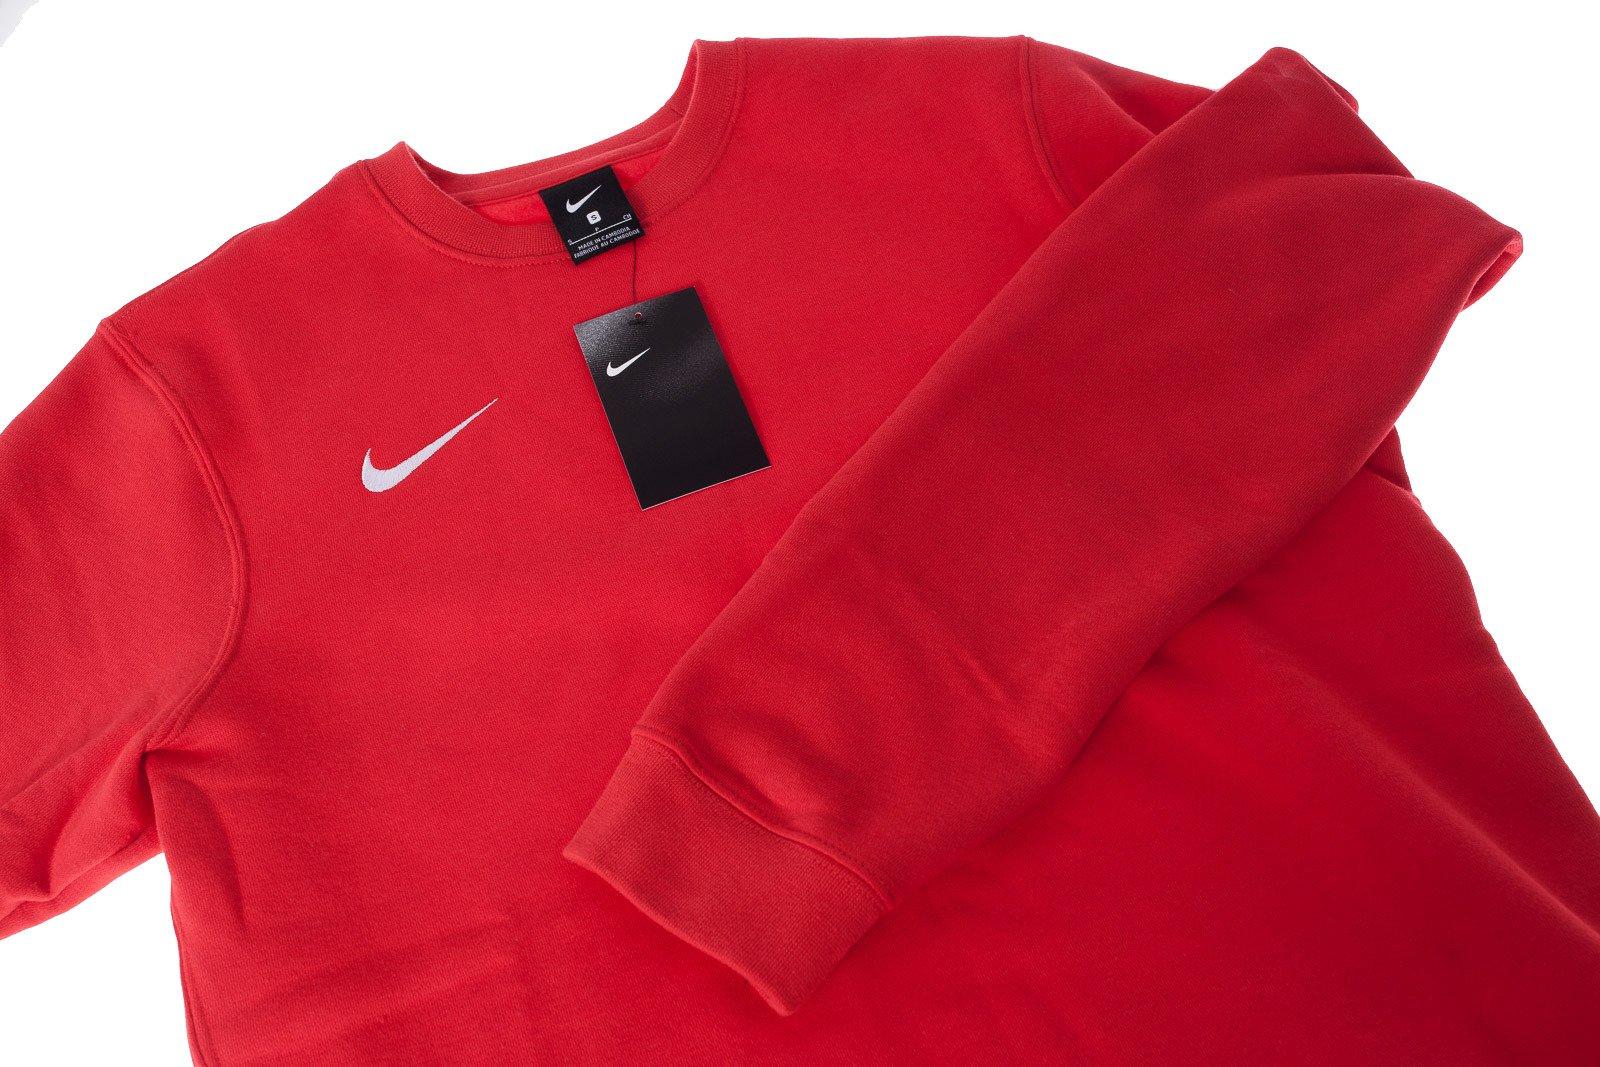 Bluza NIKE Team Club 19 czerwona AJ1466 657 L